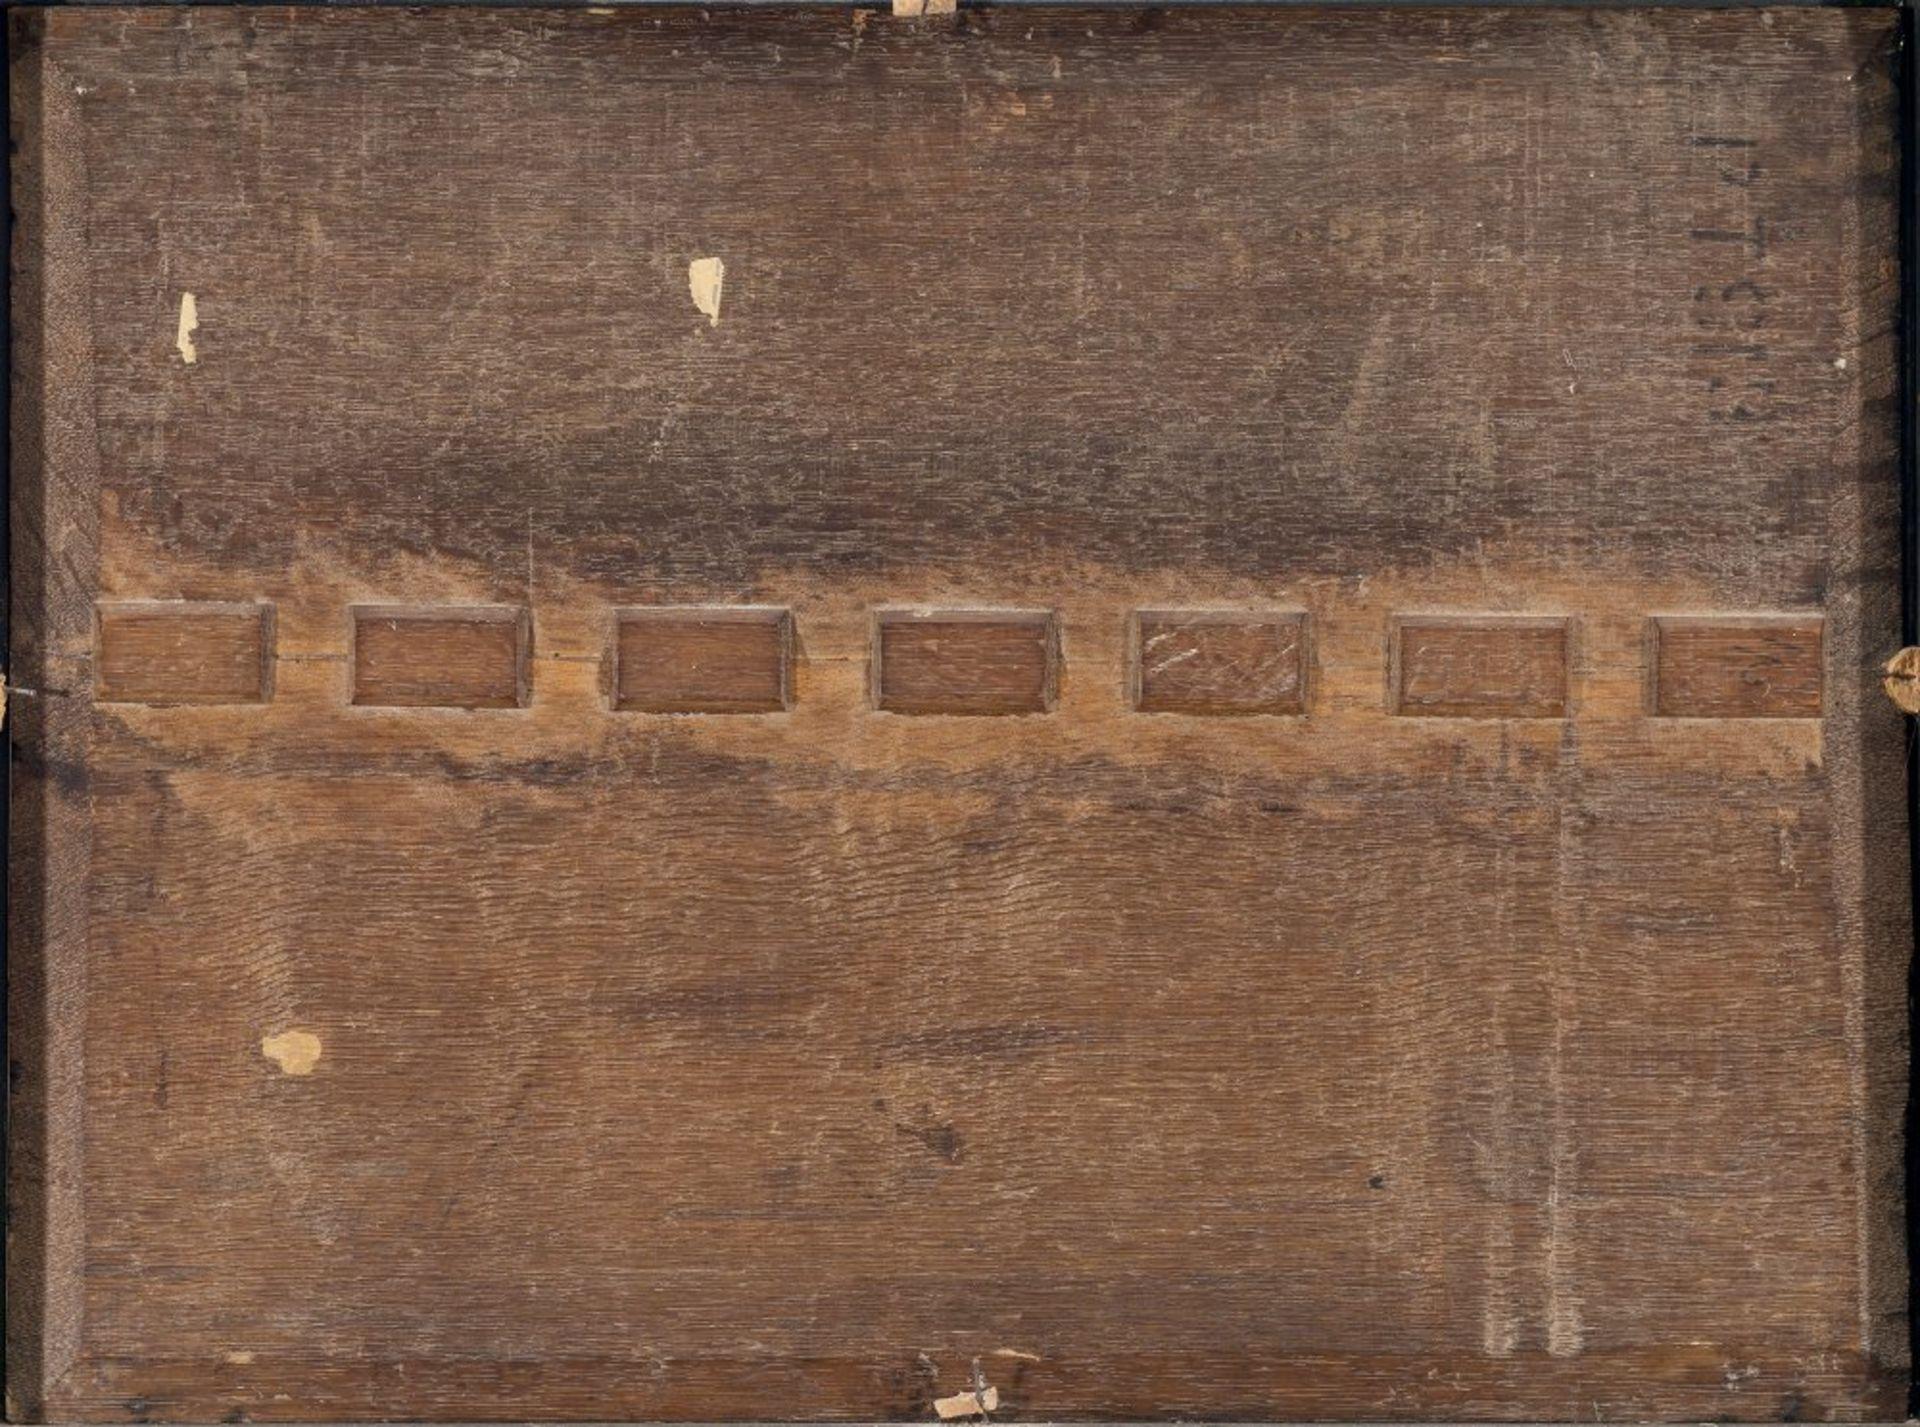 Dalens, Dirk, zugeschriebenDer Valkhof von Nijmegen. Diagonal von rechts in die Bildtiefe - Bild 2 aus 2